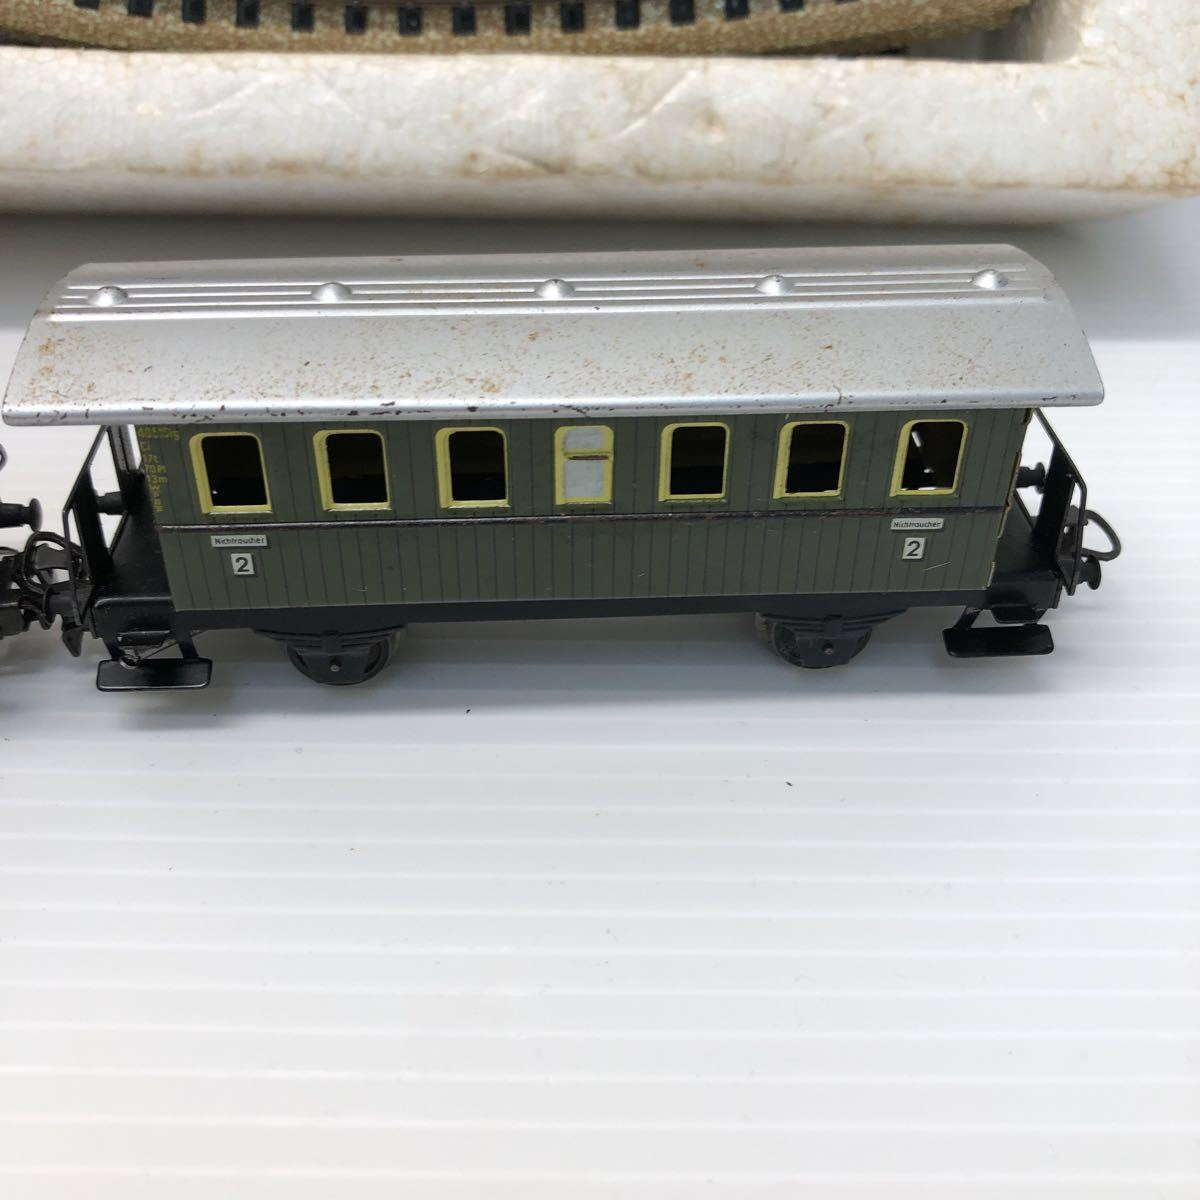 Marklin メルクリン 鉄道模型 SET-HO S 2929 ポイントレール 基本セット ドイツ製 1円スタート 動作未確認 ジャンク扱い_画像6